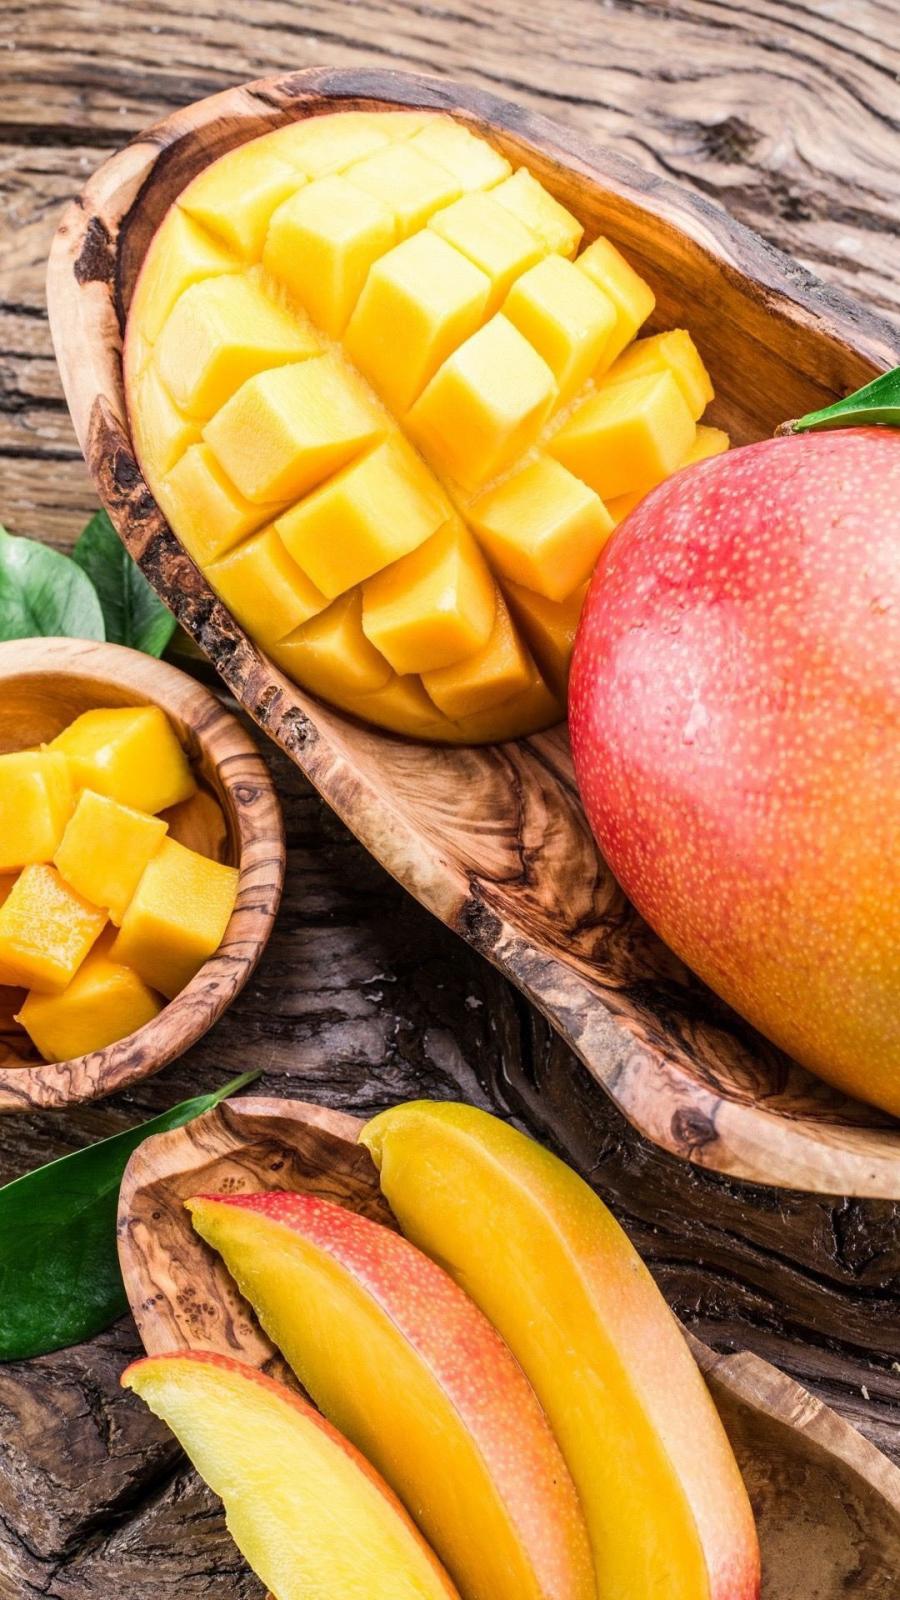 Nếu ăn 7 loại quả này, bạn sẽ chẳng bao giờ có thể giảm cân như ý - Ảnh 2